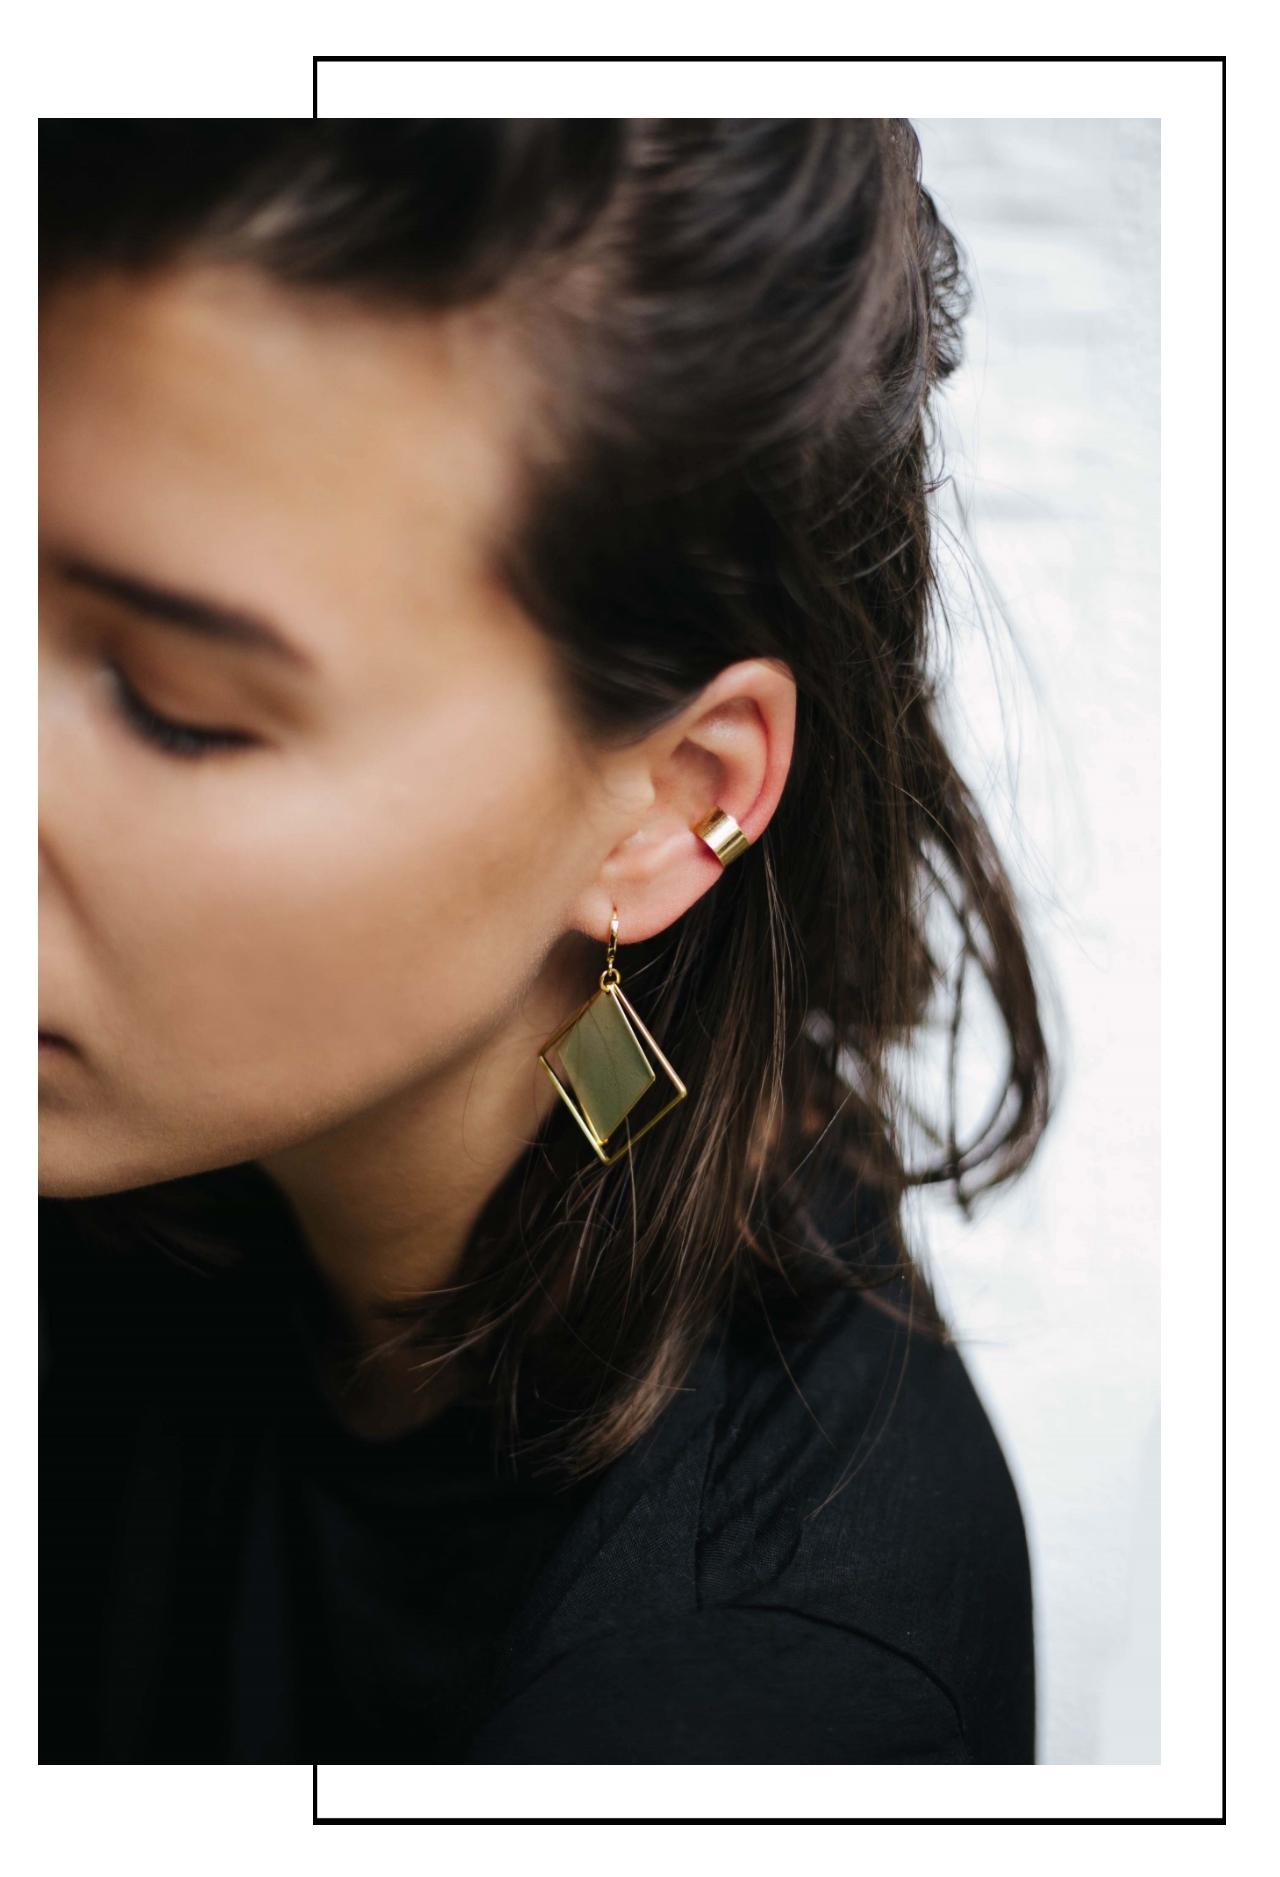 Doppel Perlen Ohrringe Madeleine Issing